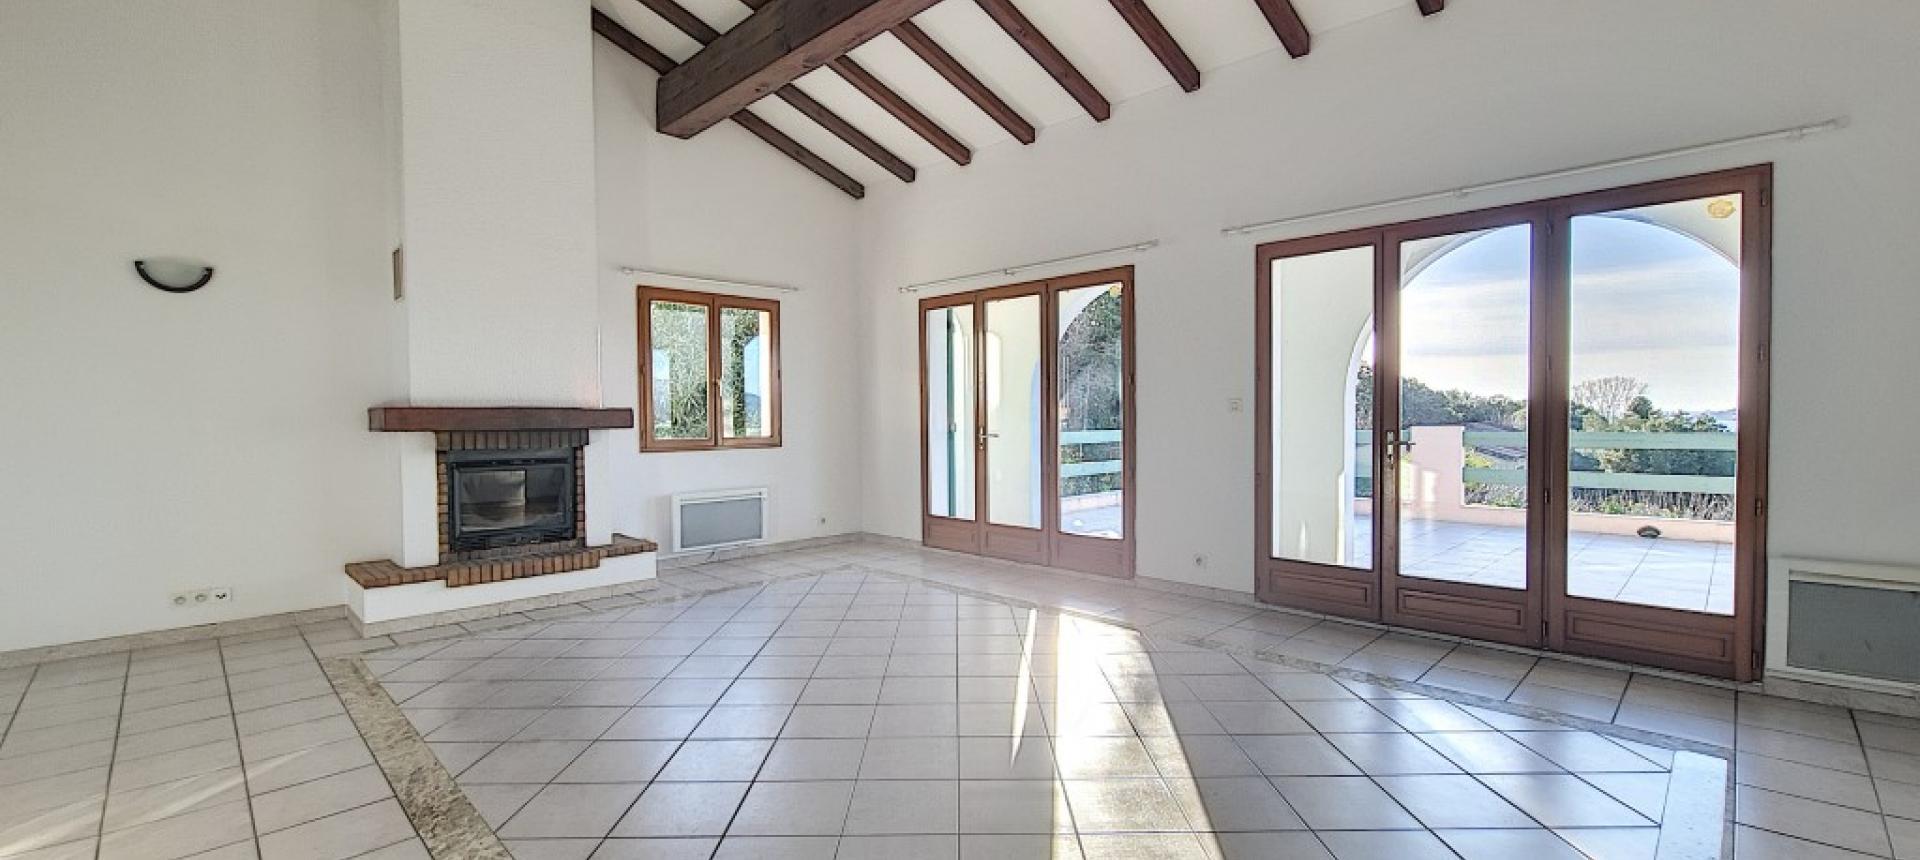 Villa F4 à louer avec jardin et terrasse à Bastelicaccia  pièce à vivre